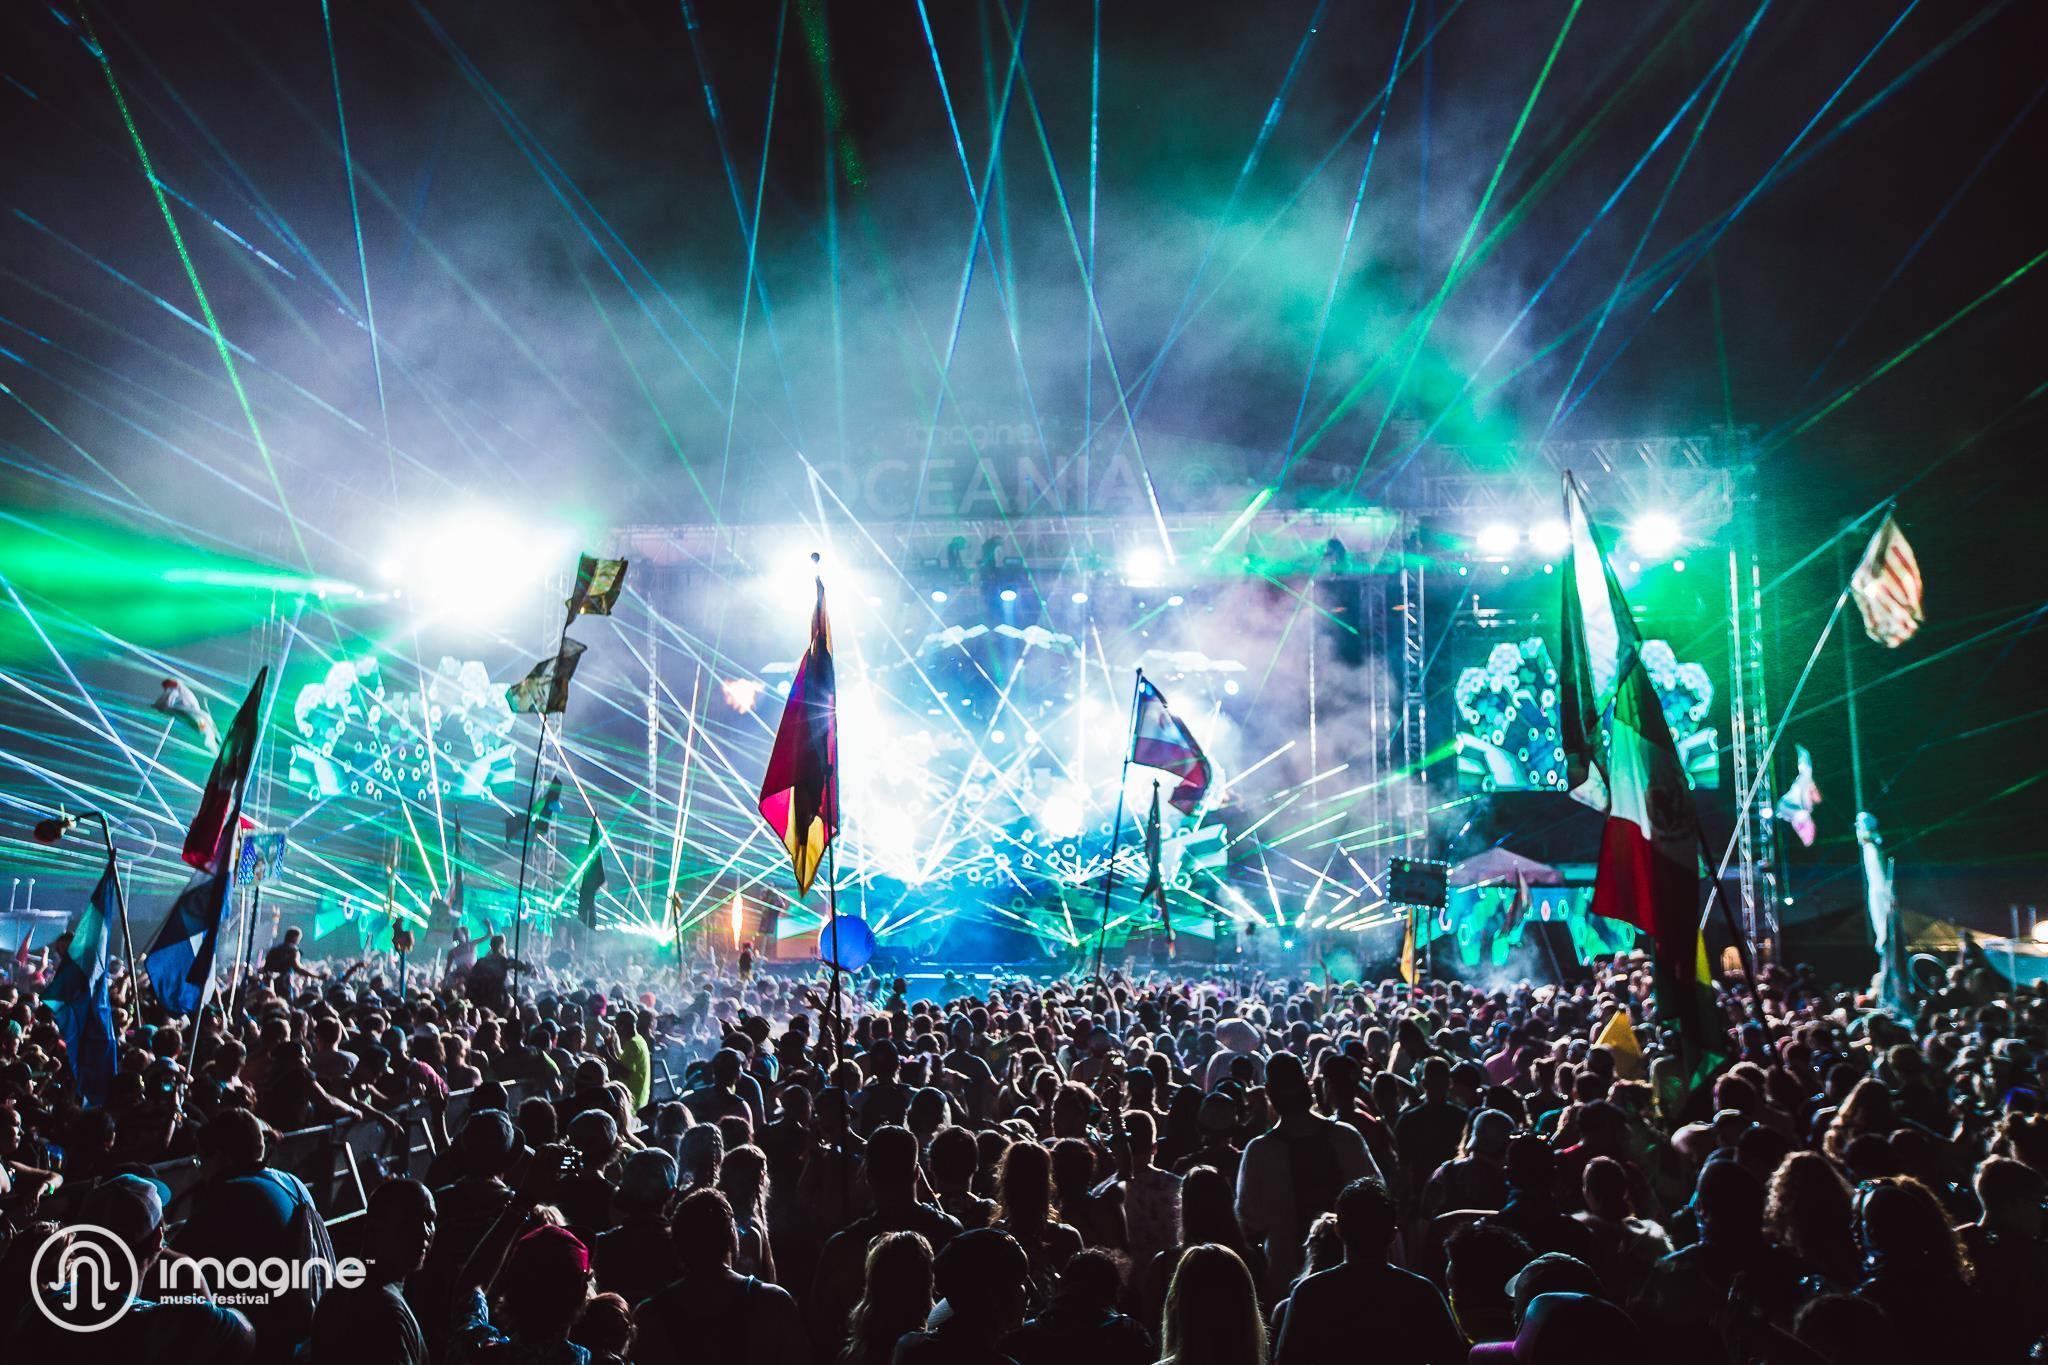 imagine music festival 2018 announces full lineup ft  kaskade  rl grime  zhu and more